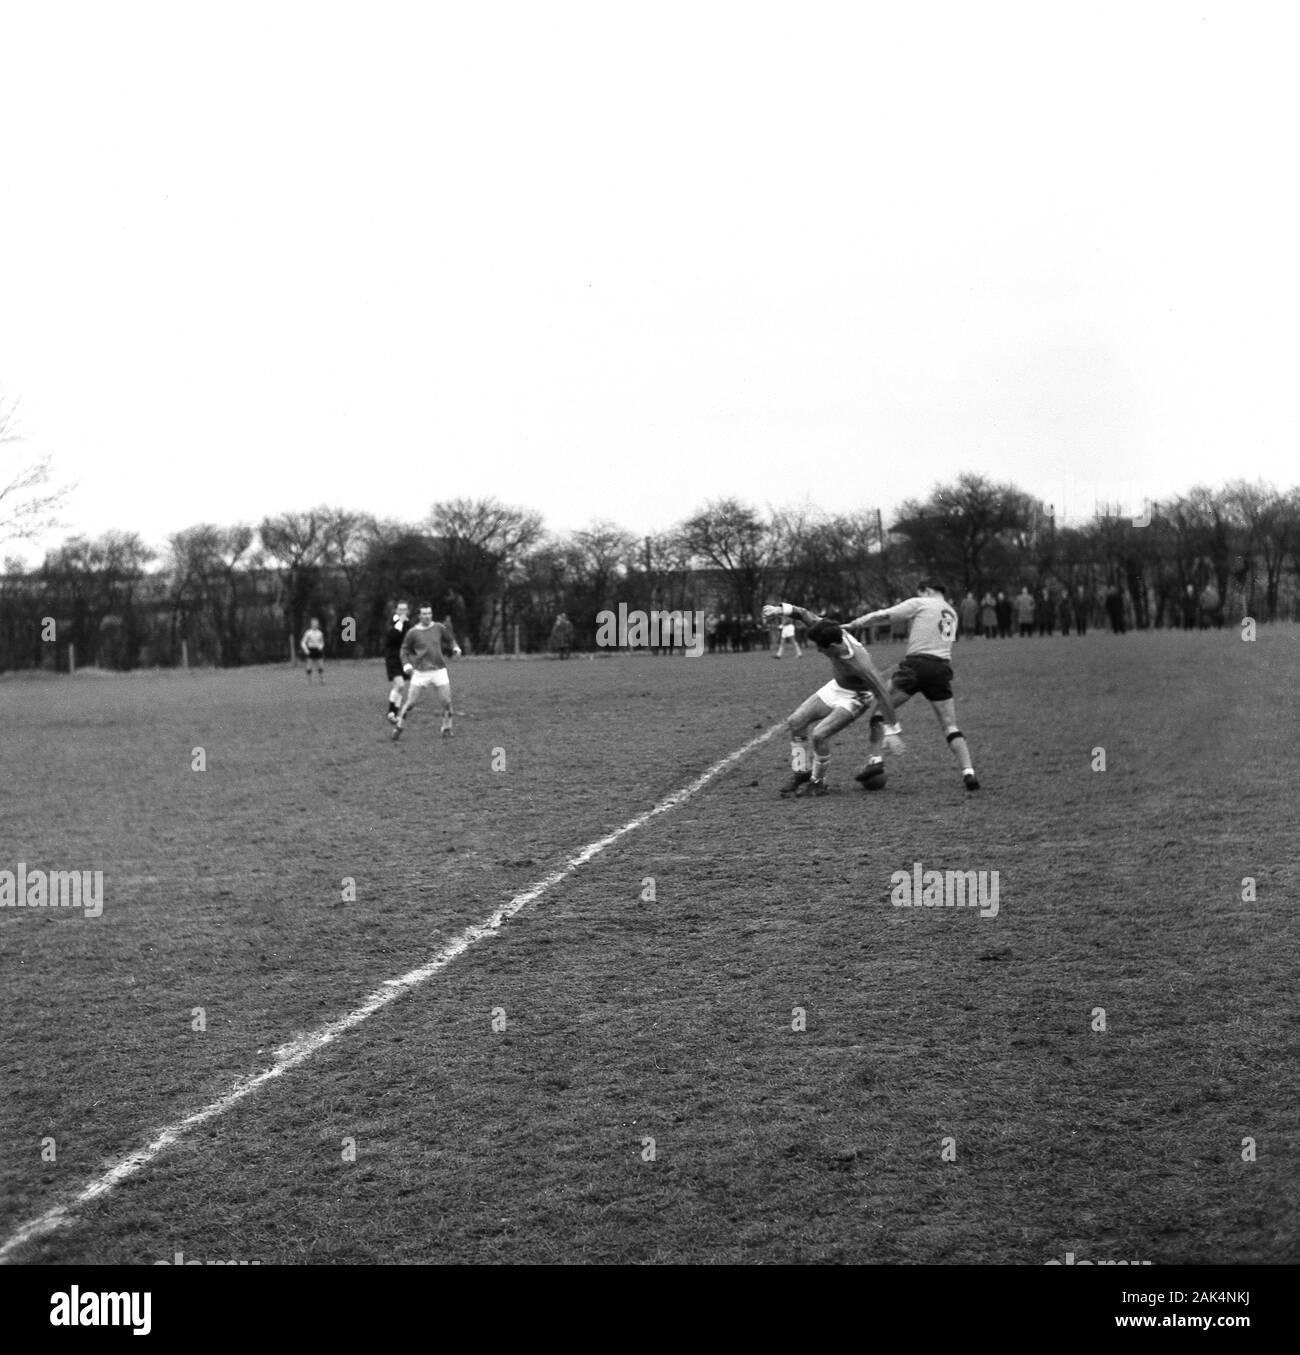 Années 1960, historiques, les footballeurs amateurs jouant sur un terrain boueux d'herbe typique de l'époque, Angleterre, Royaume-Uni. Banque D'Images